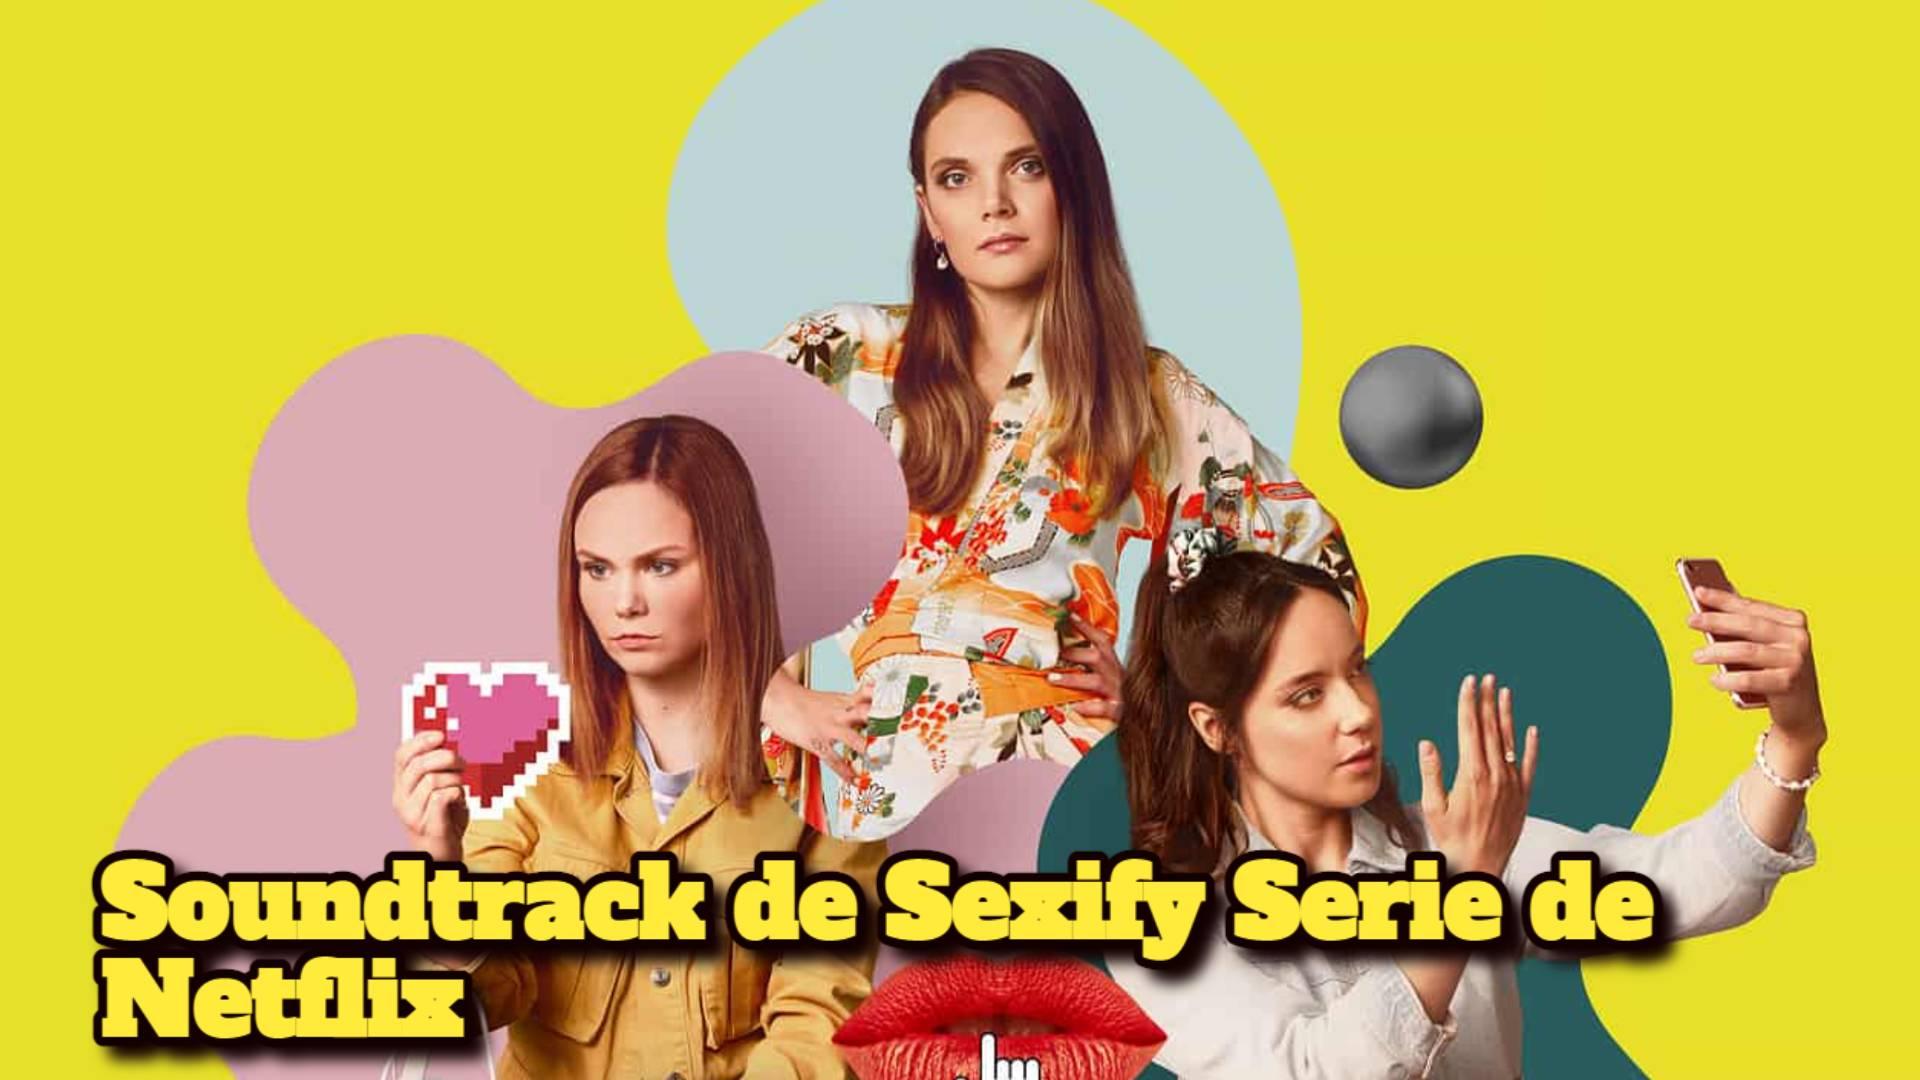 Soundtrack de Sexify Serie de Netflix